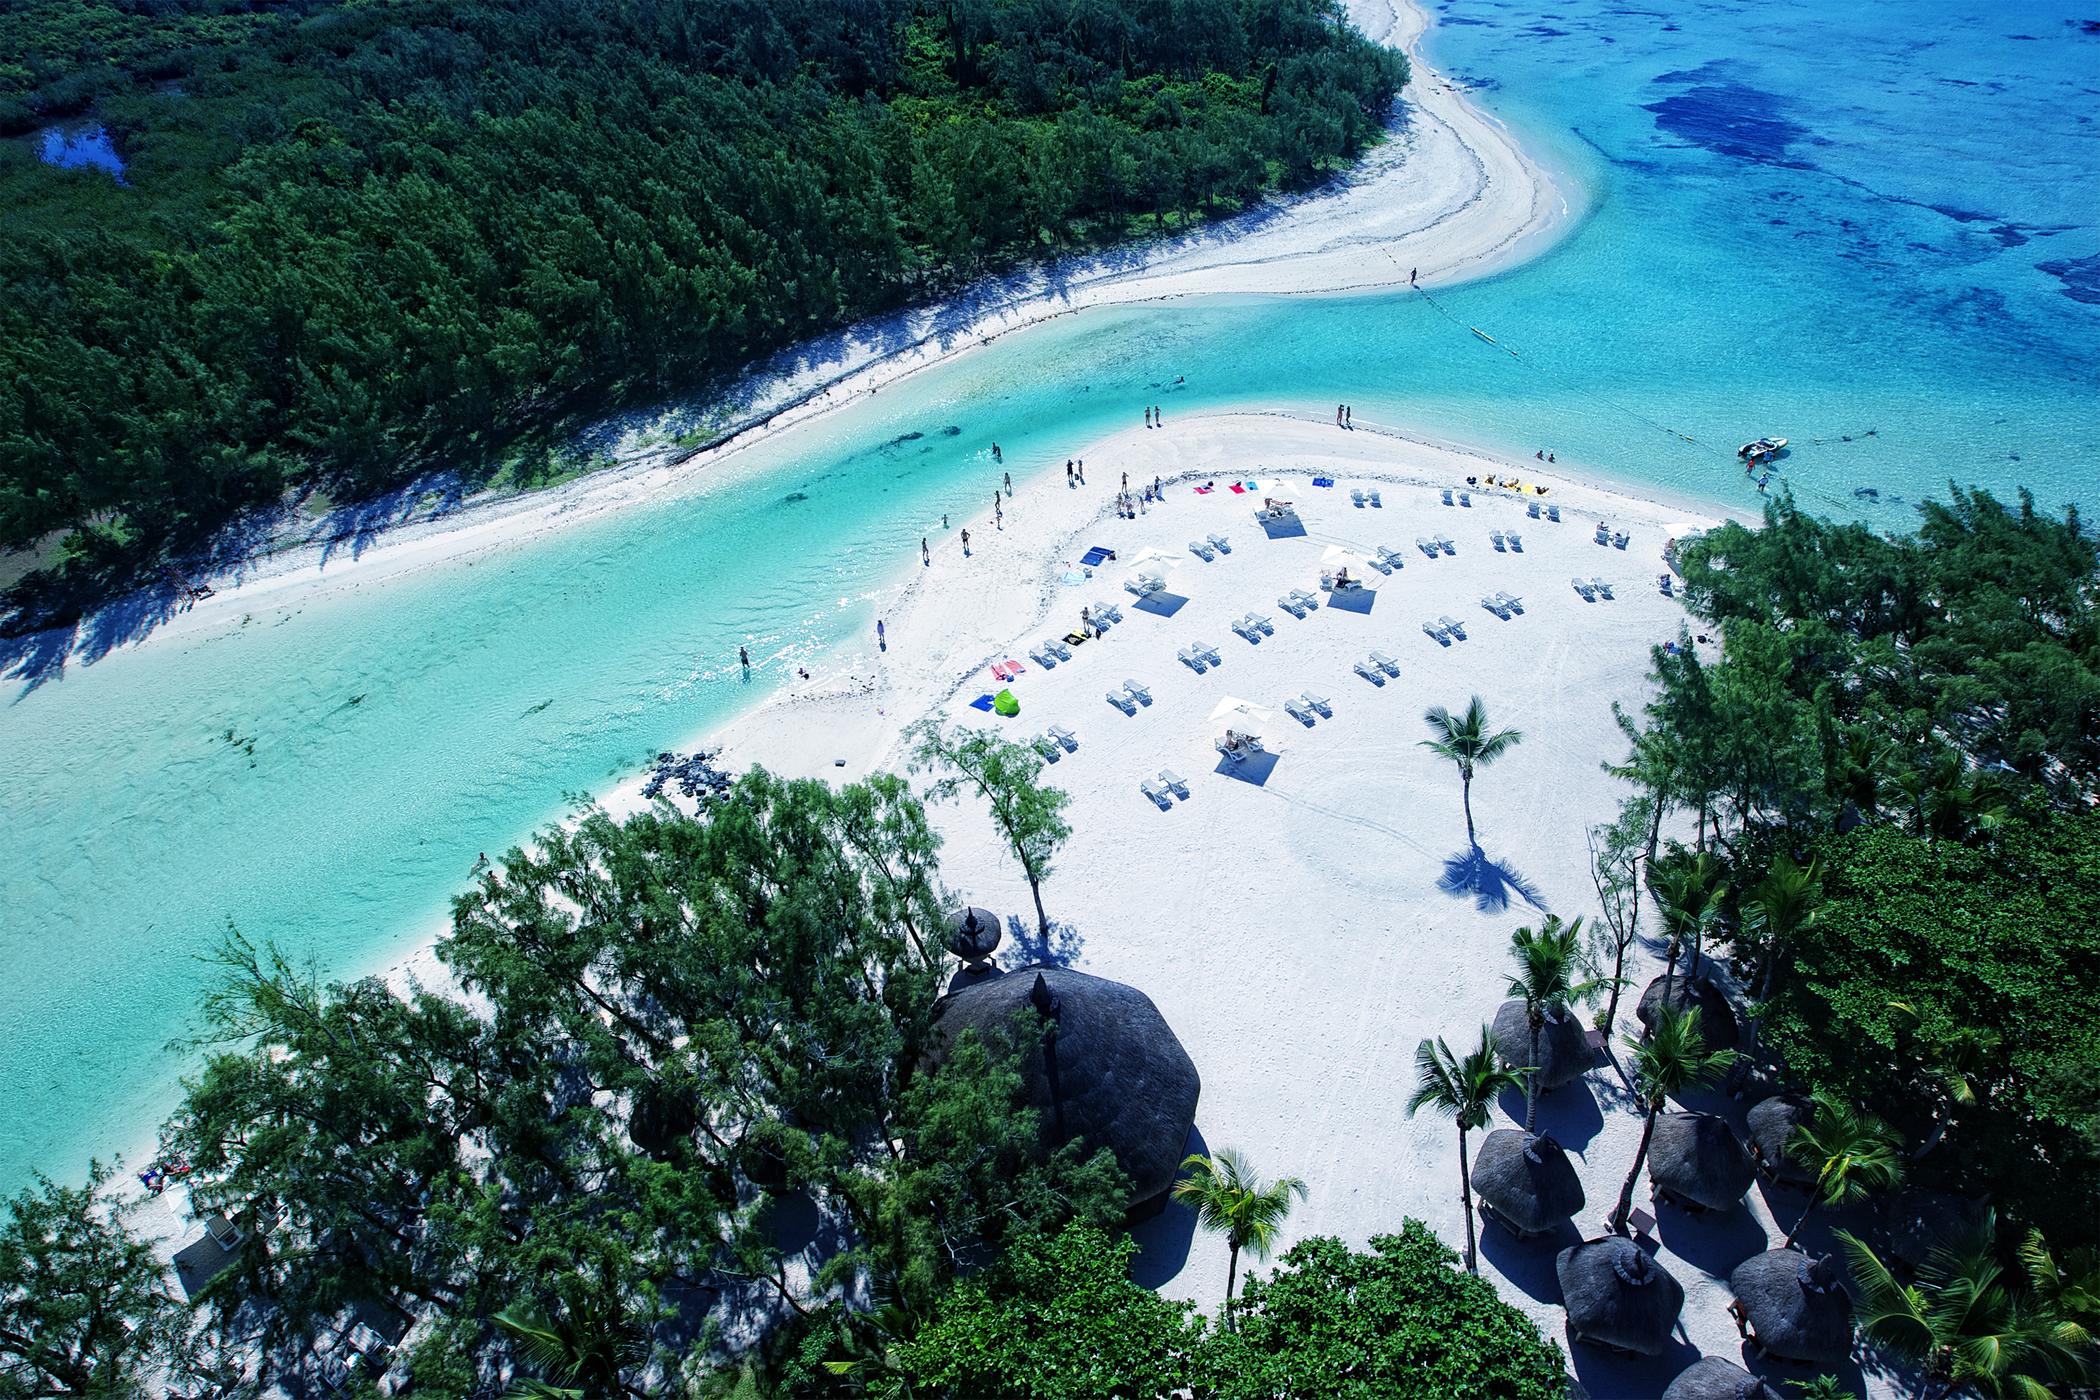 meilleures activités de l'Ile aux Cerfs - vacances ile maurice